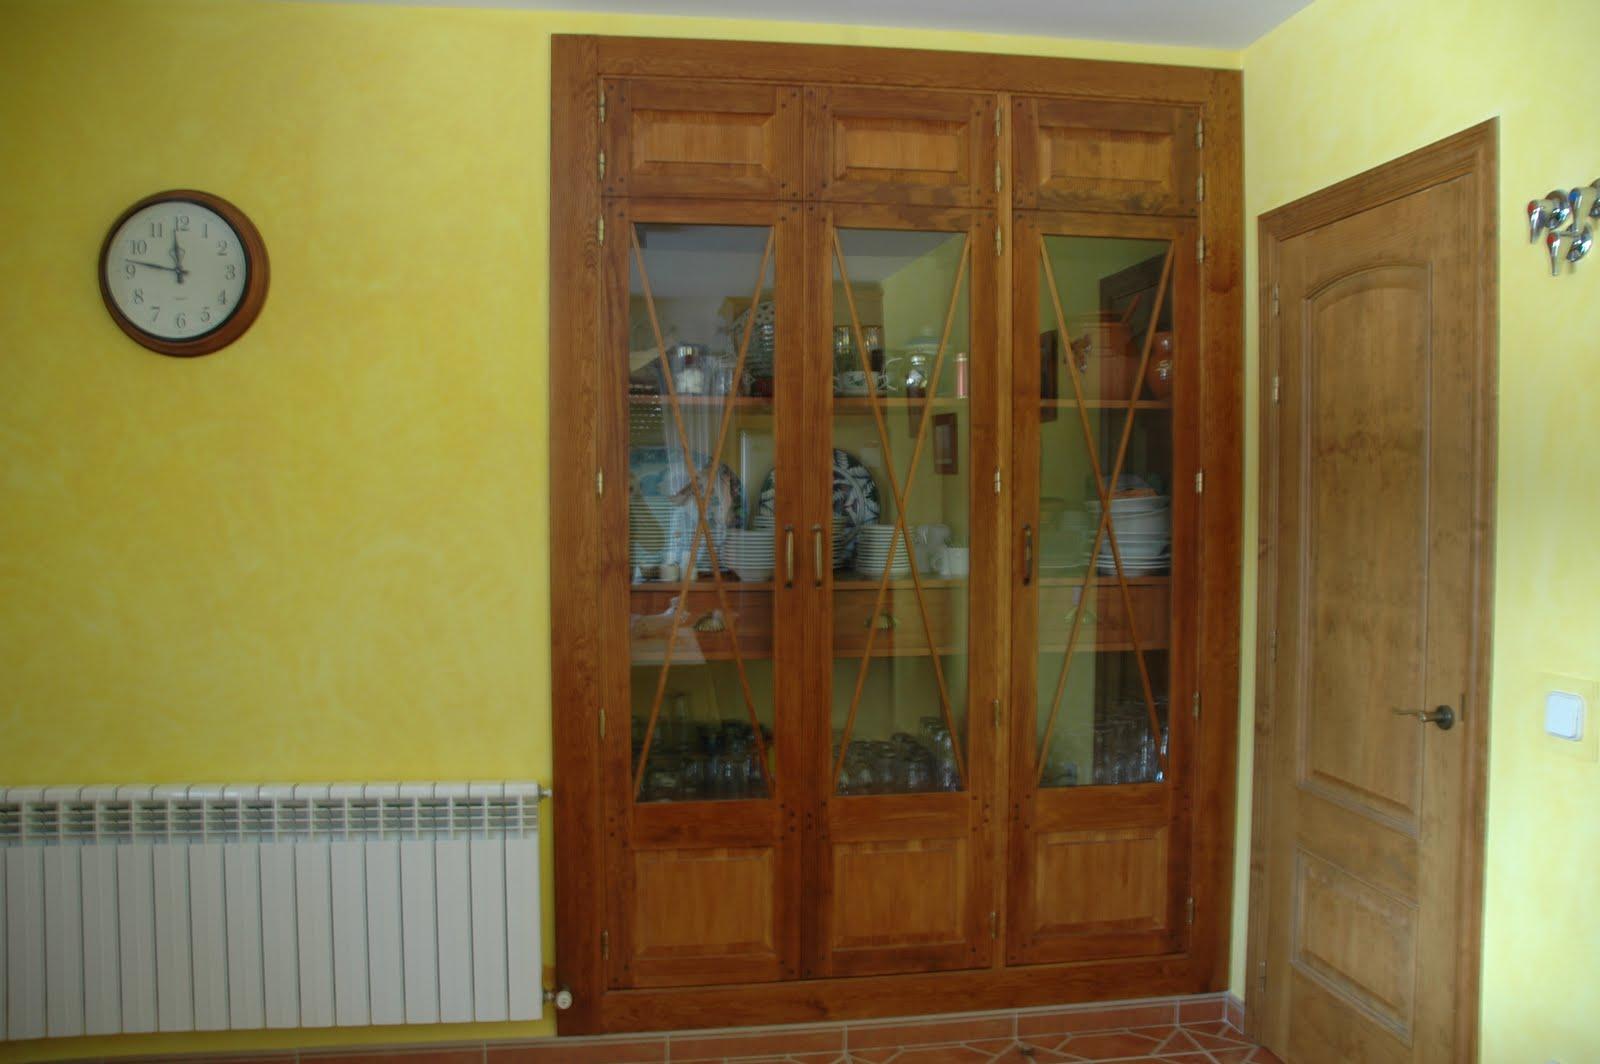 Carpinteria viosca roda febrero 2012 - Vidrieras para puertas ...